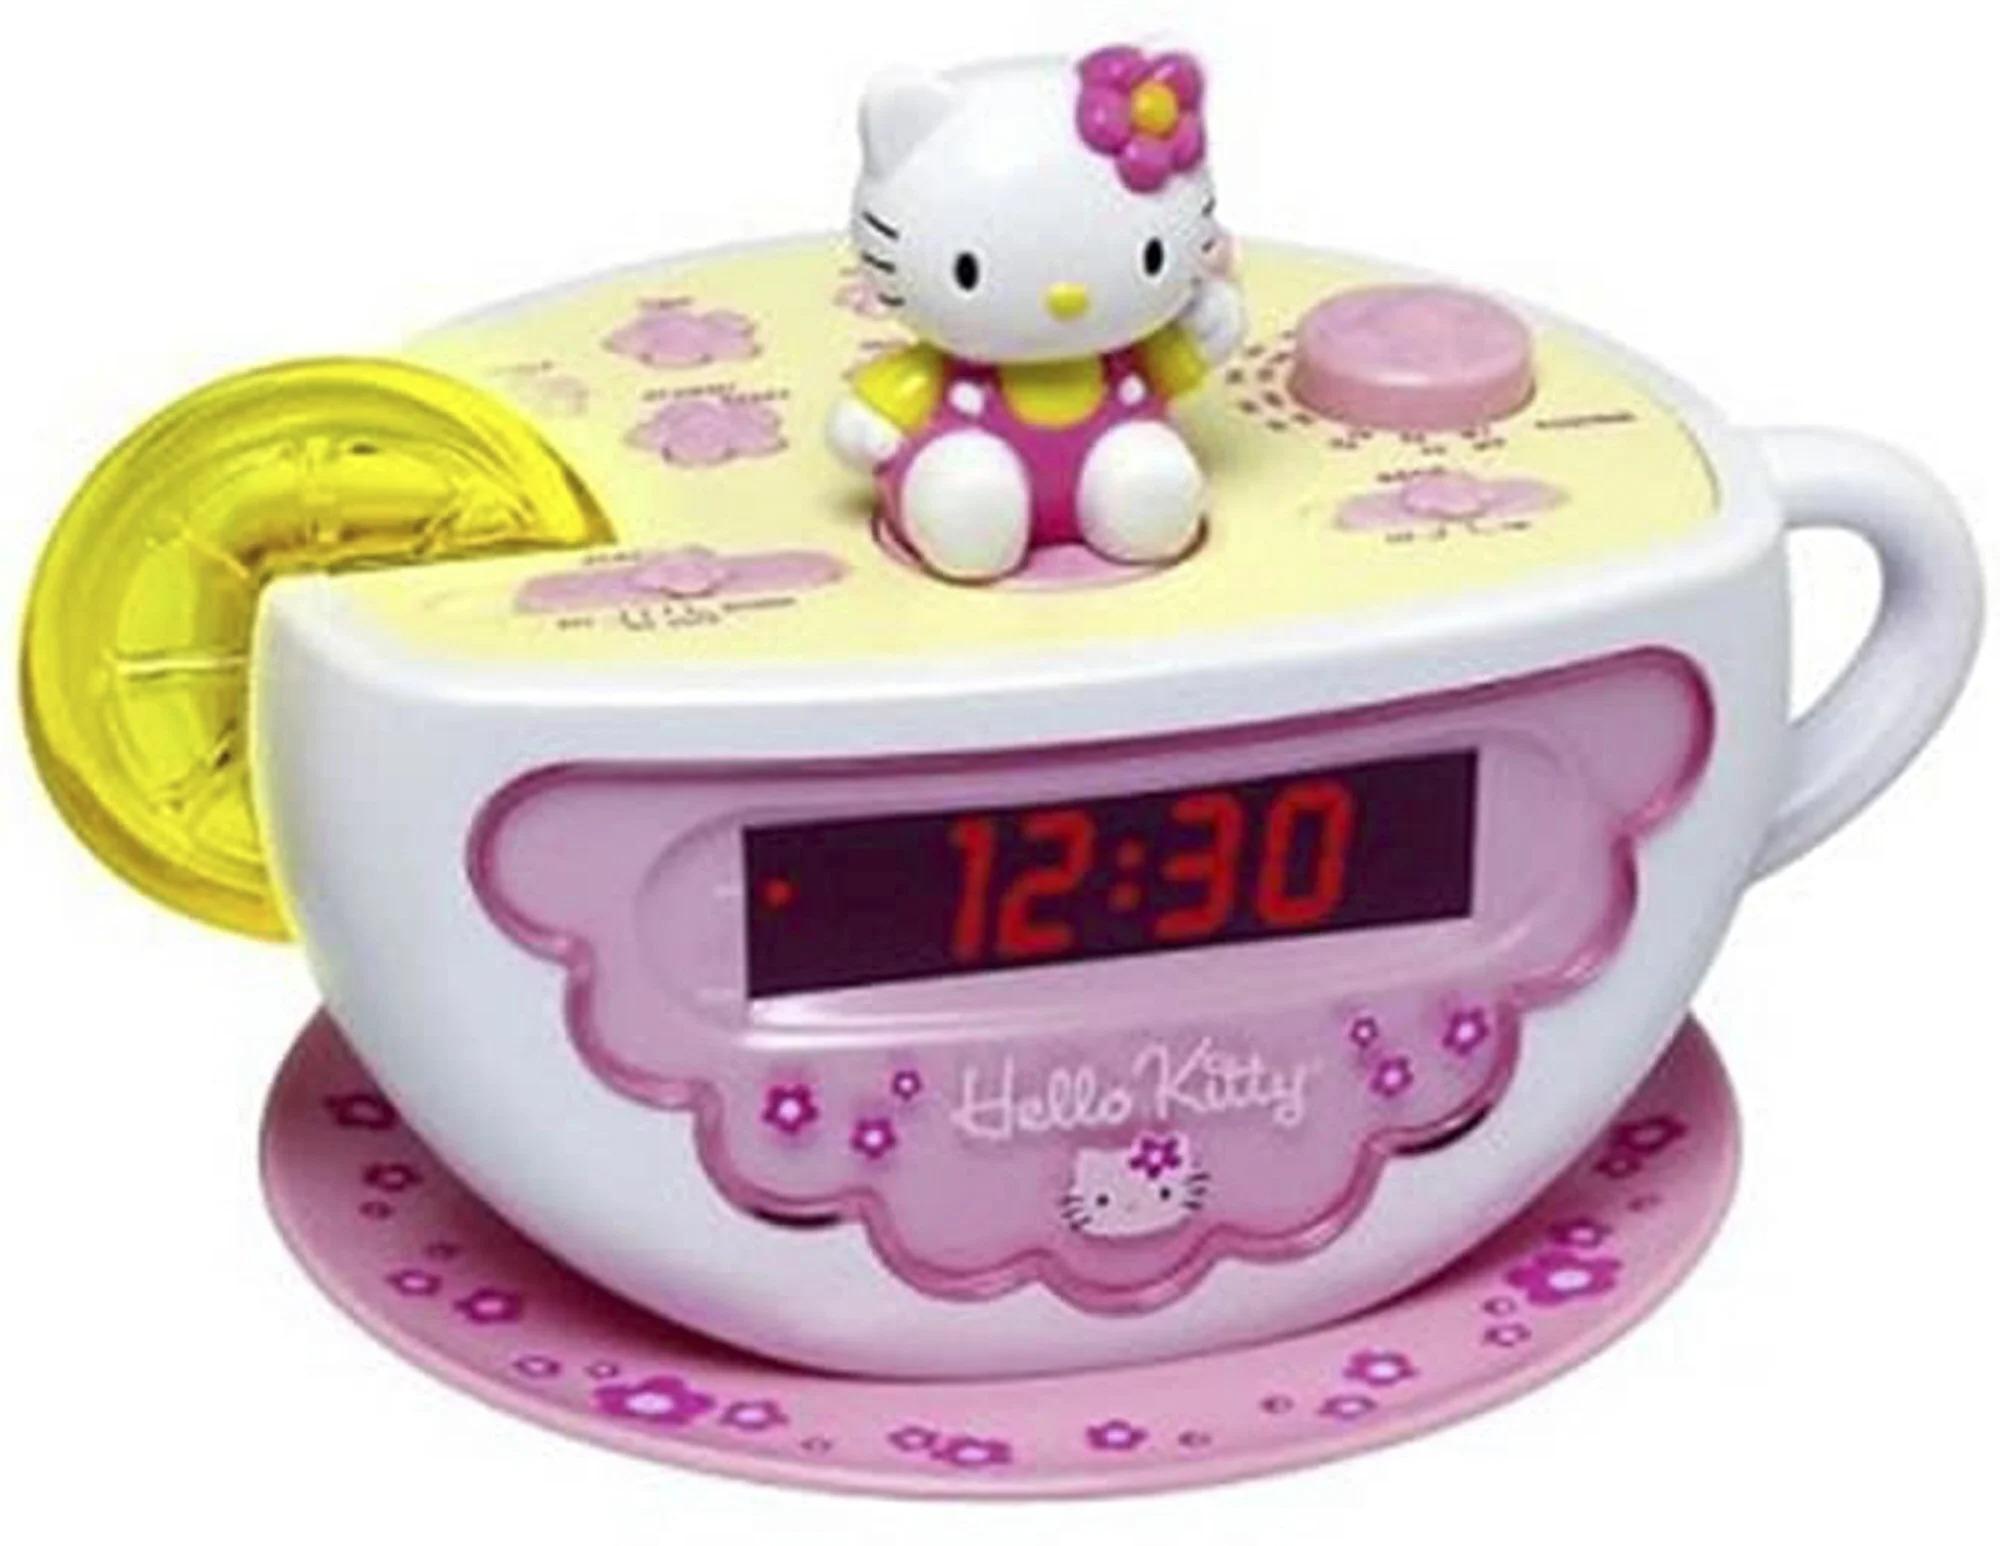 Mẫu đồng hồ Hello Kitty mà chị em Fowler từng sở hữu. Ảnh: Sanrio.